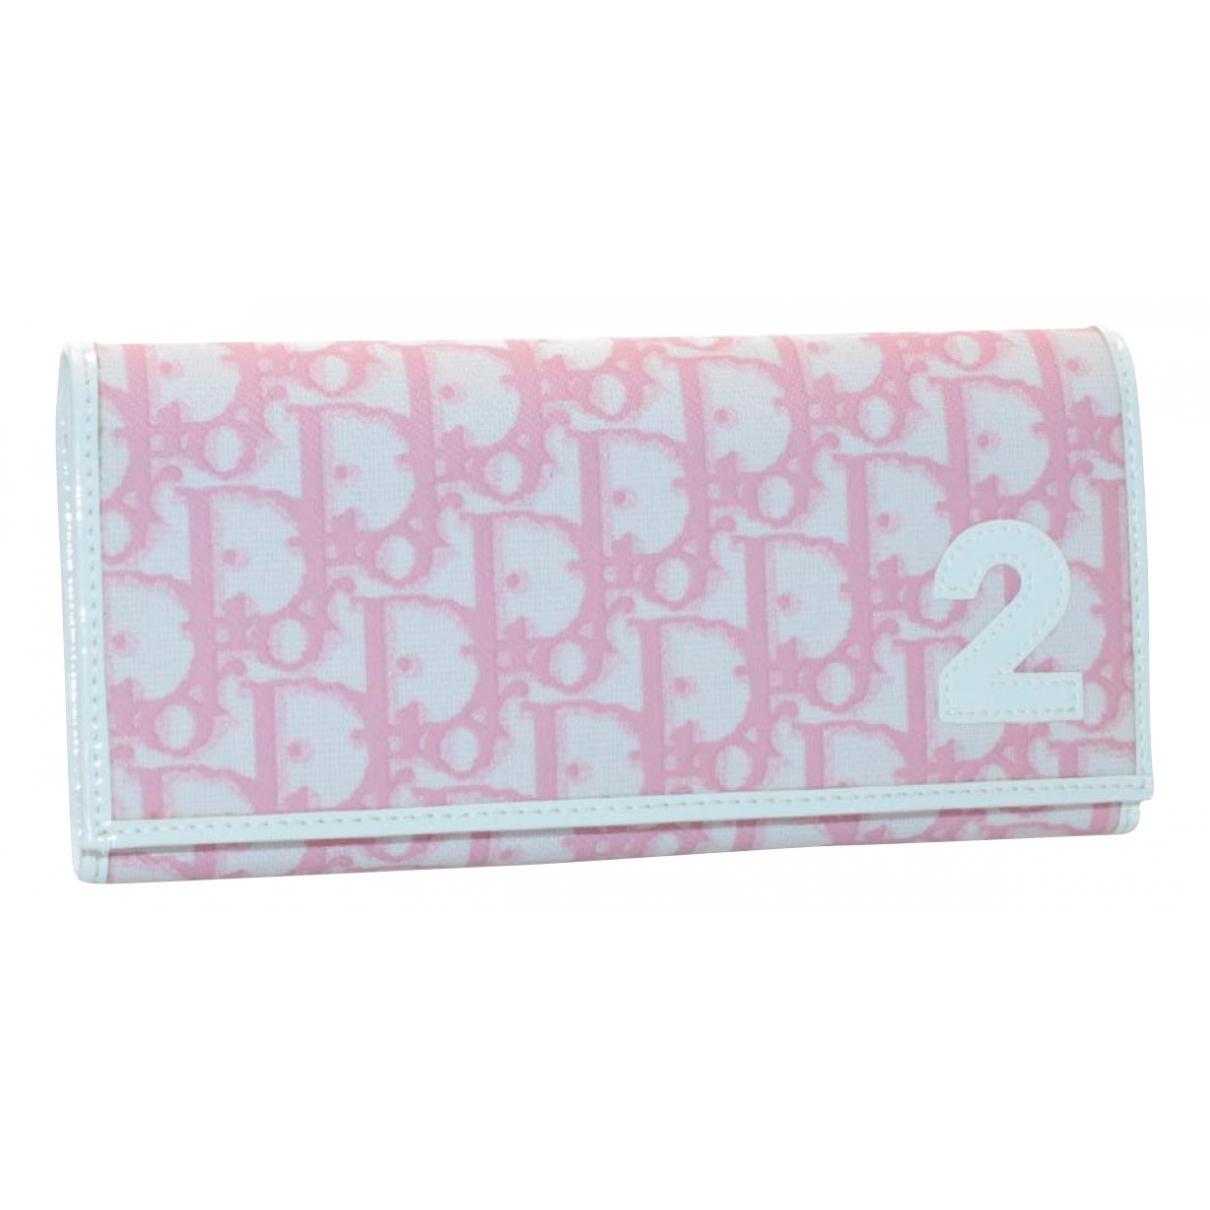 Dior - Portefeuille   pour femme en toile - rose